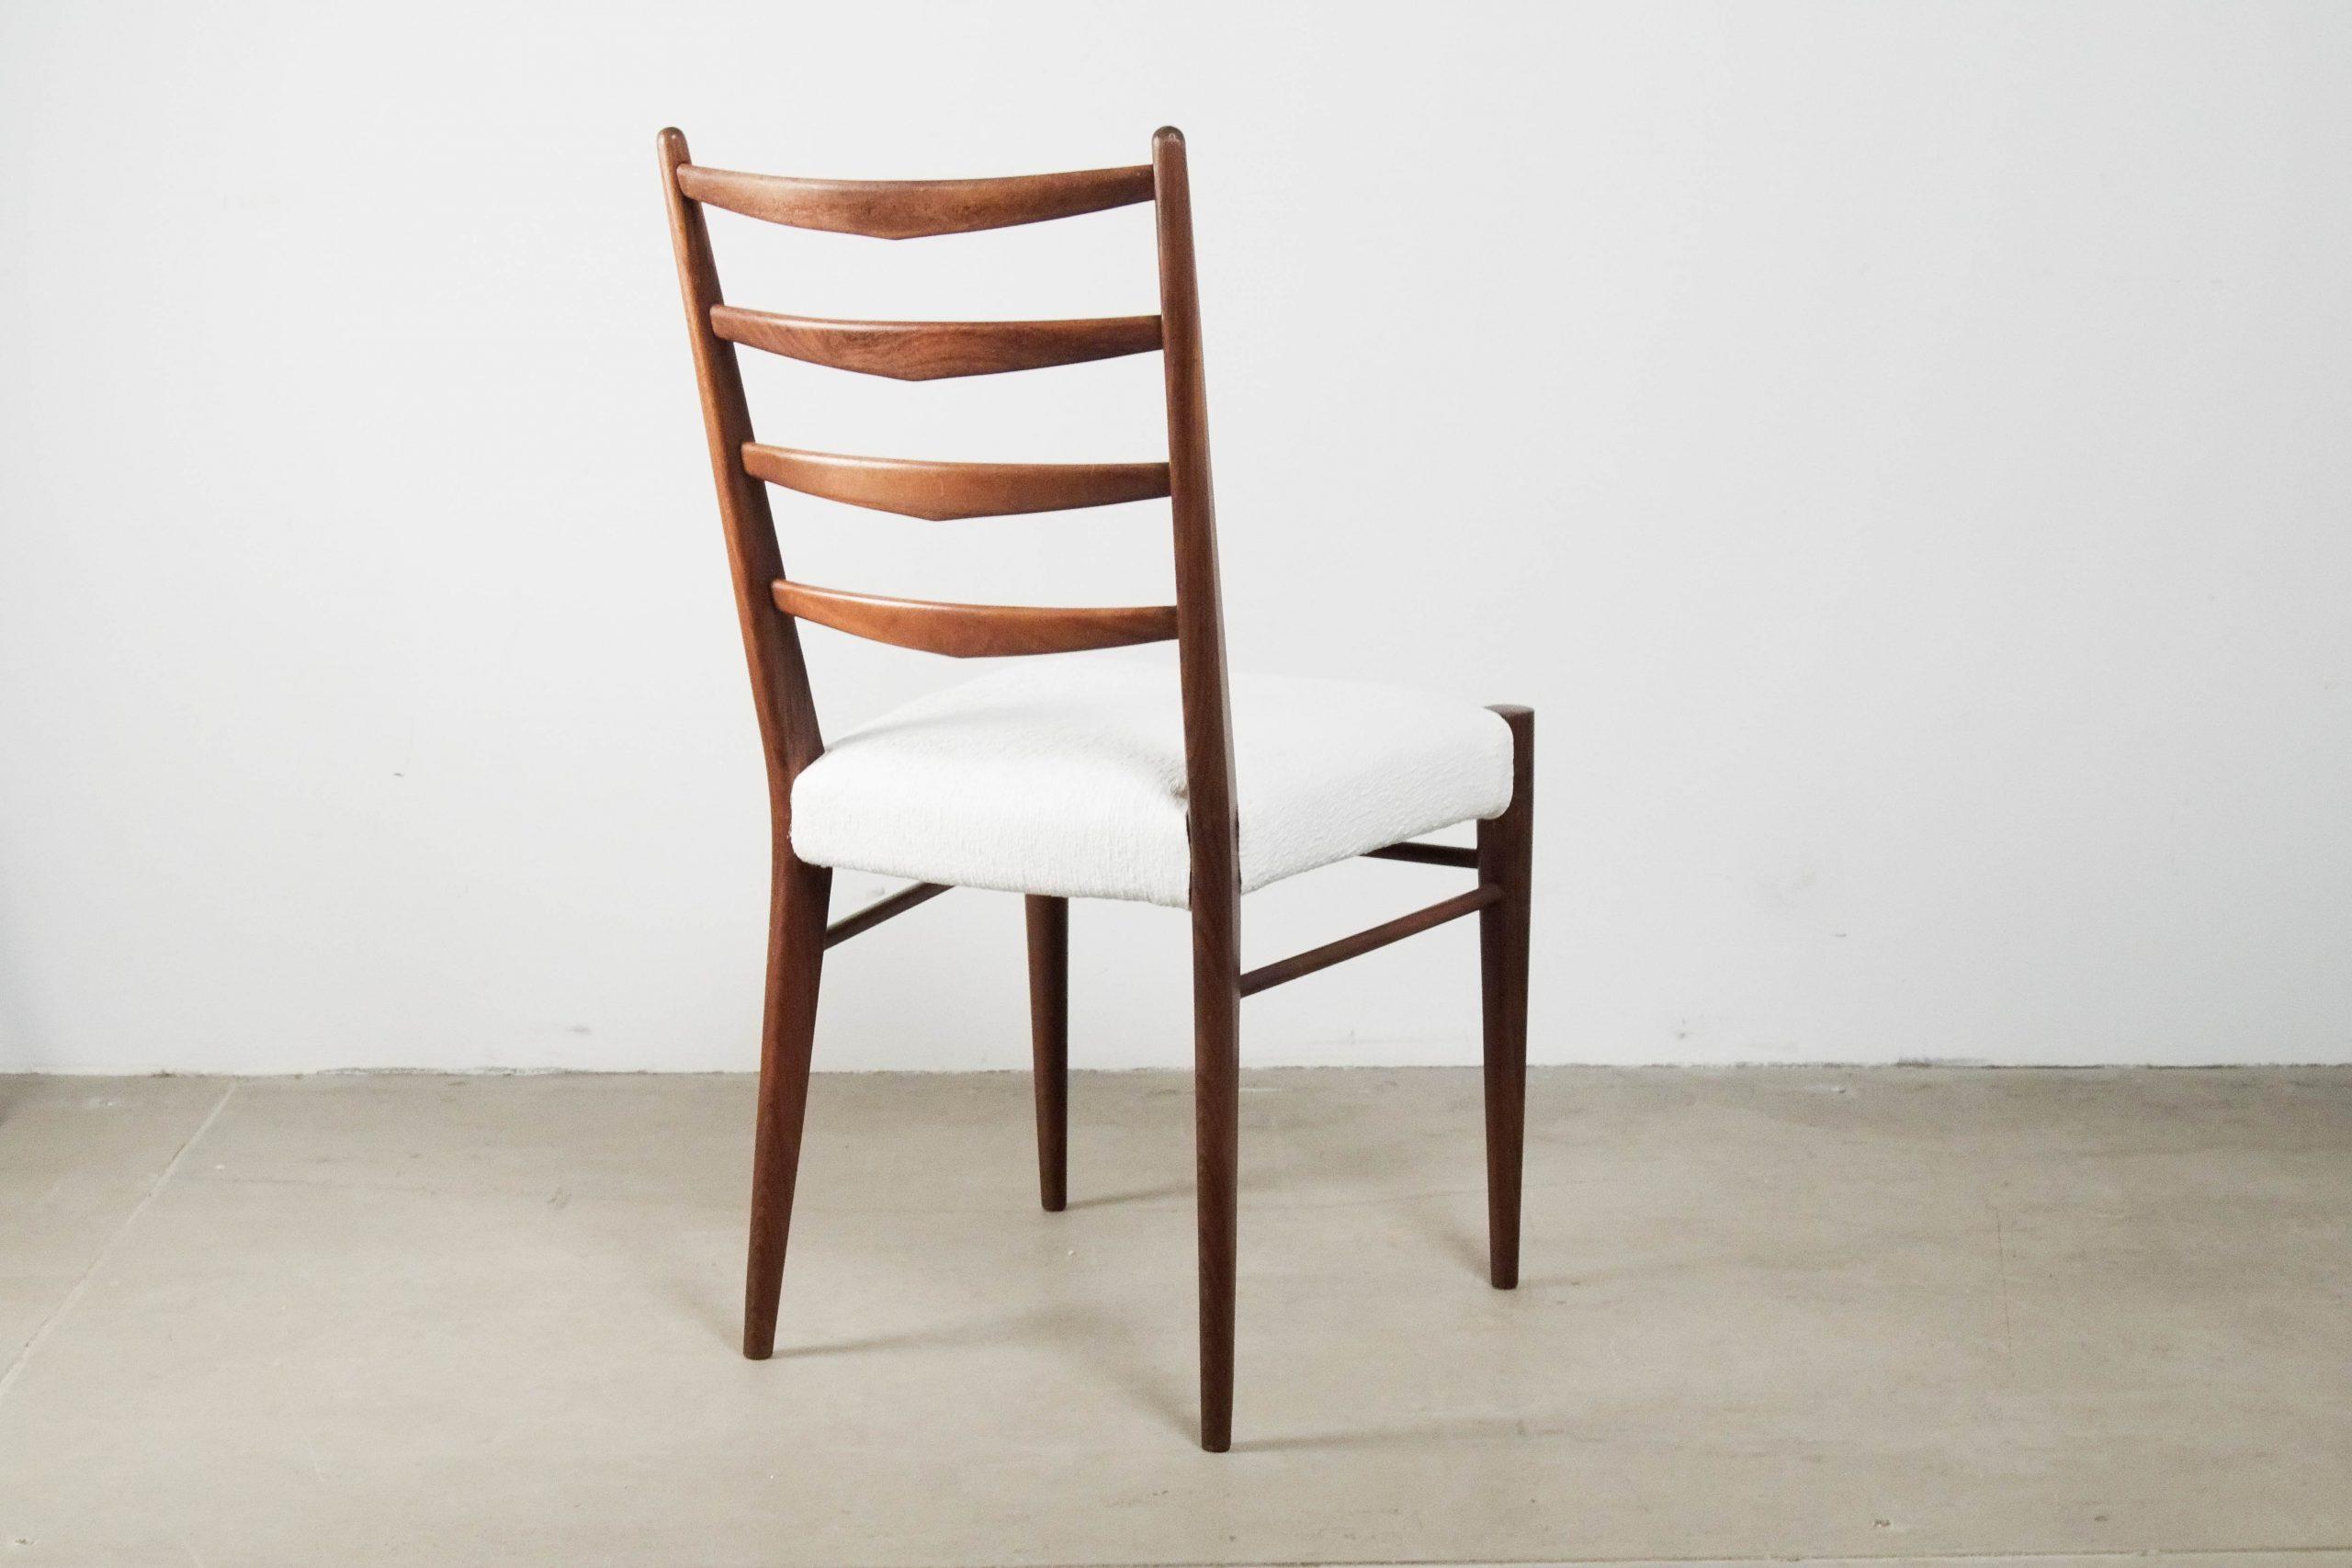 silla especial de diseño fabricada a mano madera maciza tapizado comodo